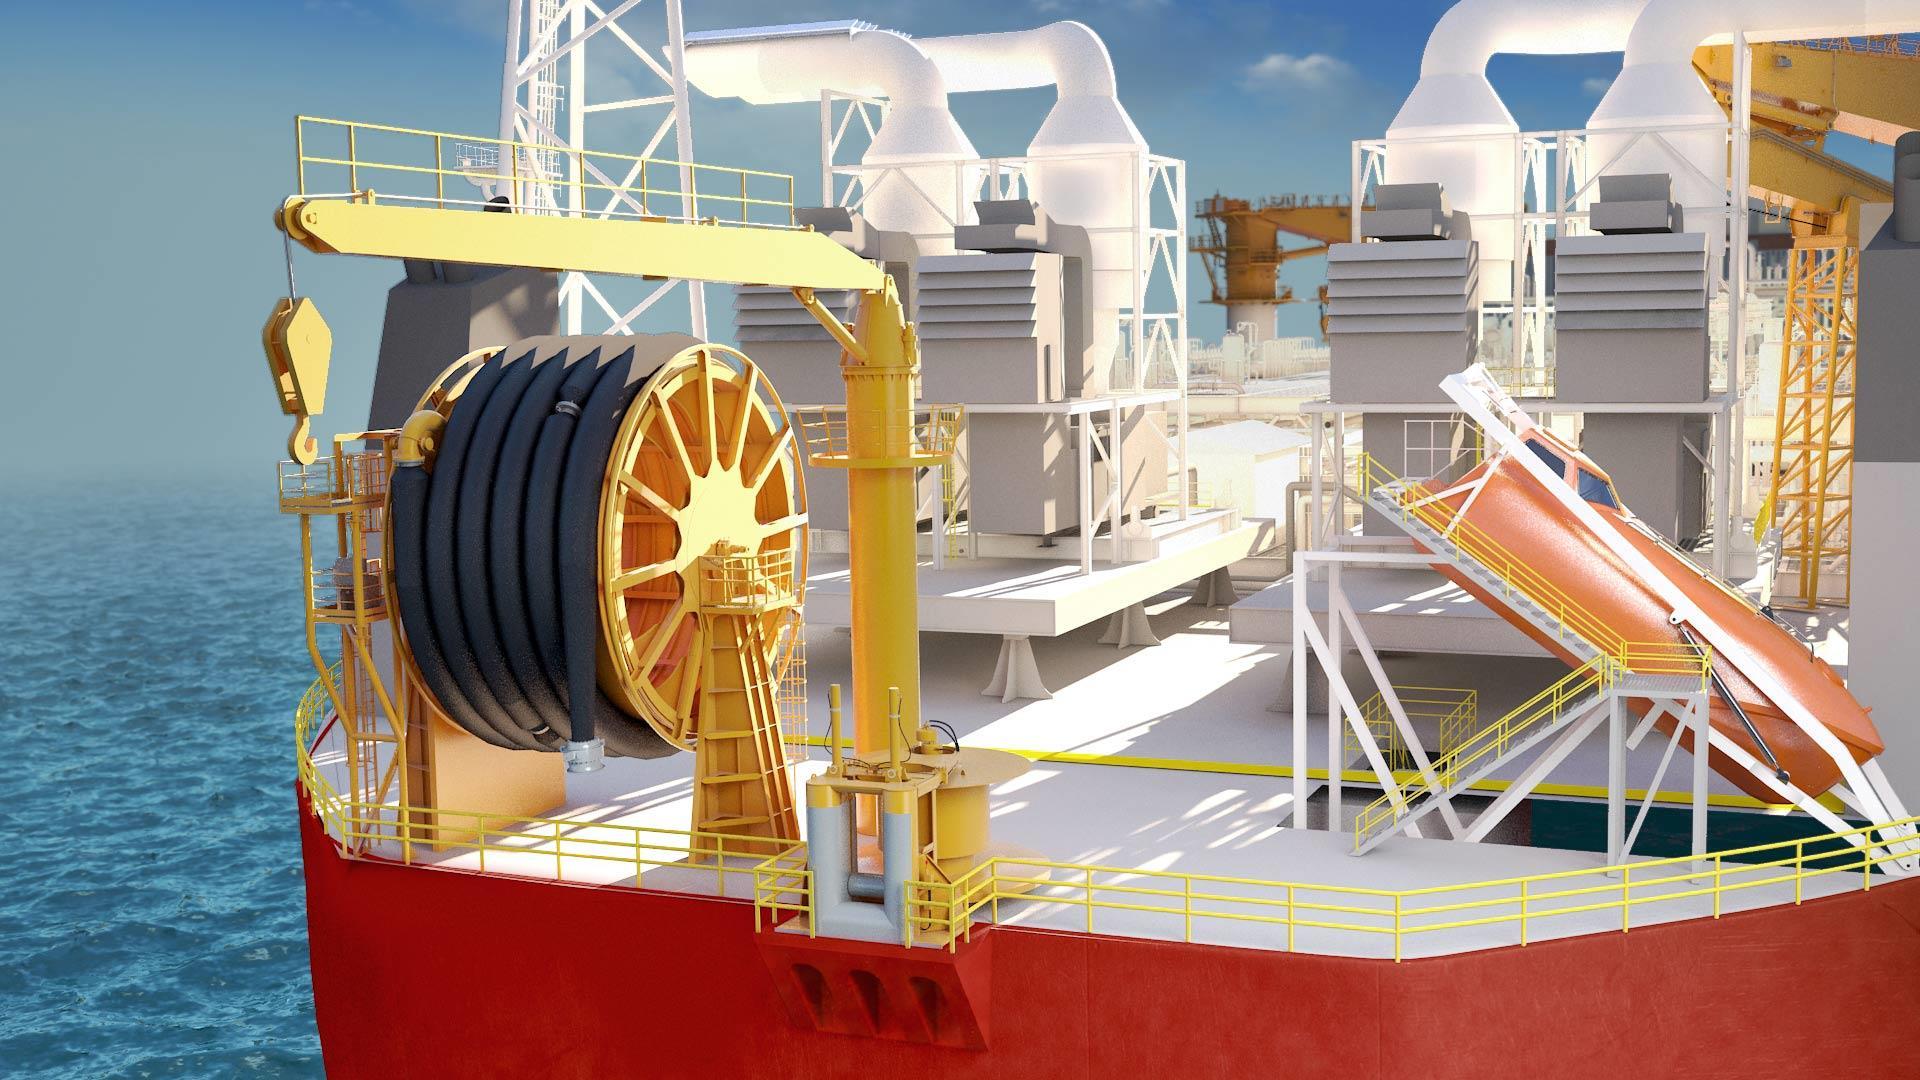 APL Stern Discharge System render